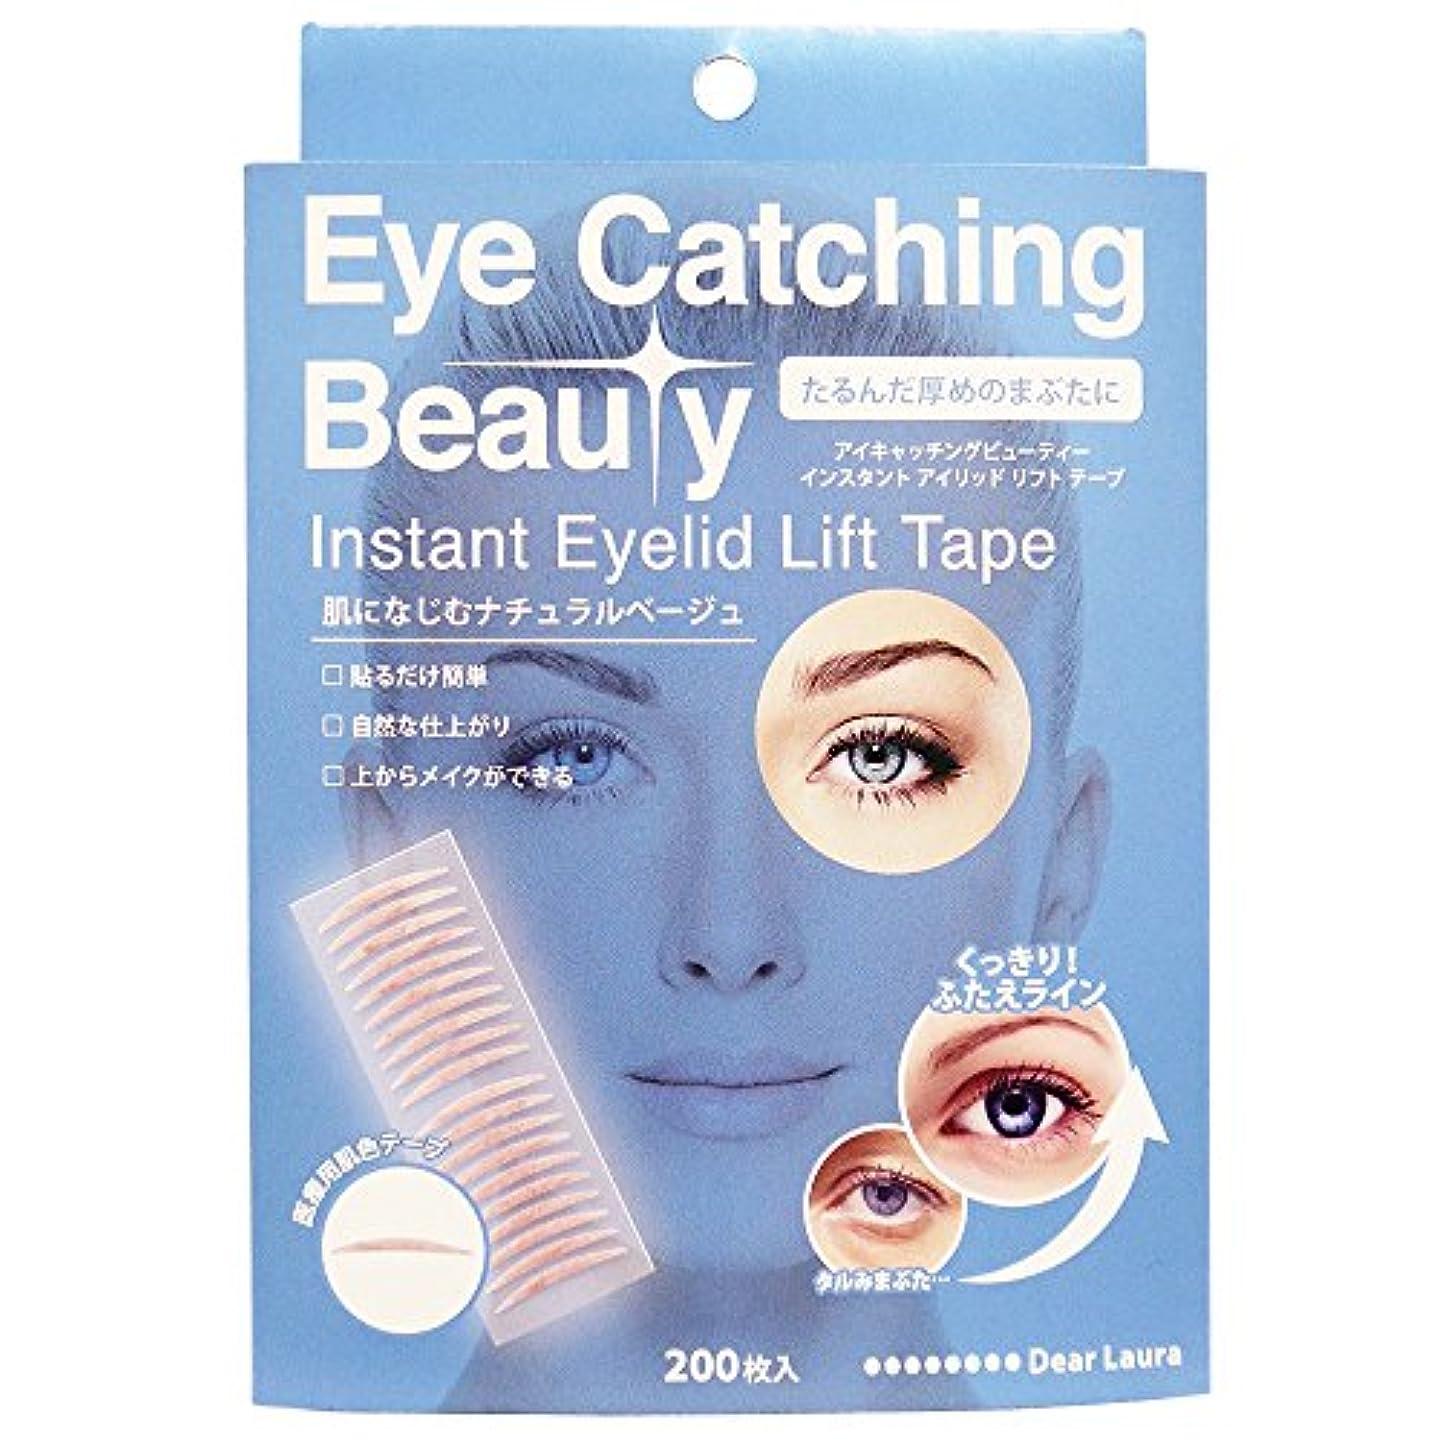 アカデミー慎重に代わりにを立てるアイキャッチングビューティー (Eye Catching Beauty) インスタント アイリッド リフト テープ ECB-J02 200枚